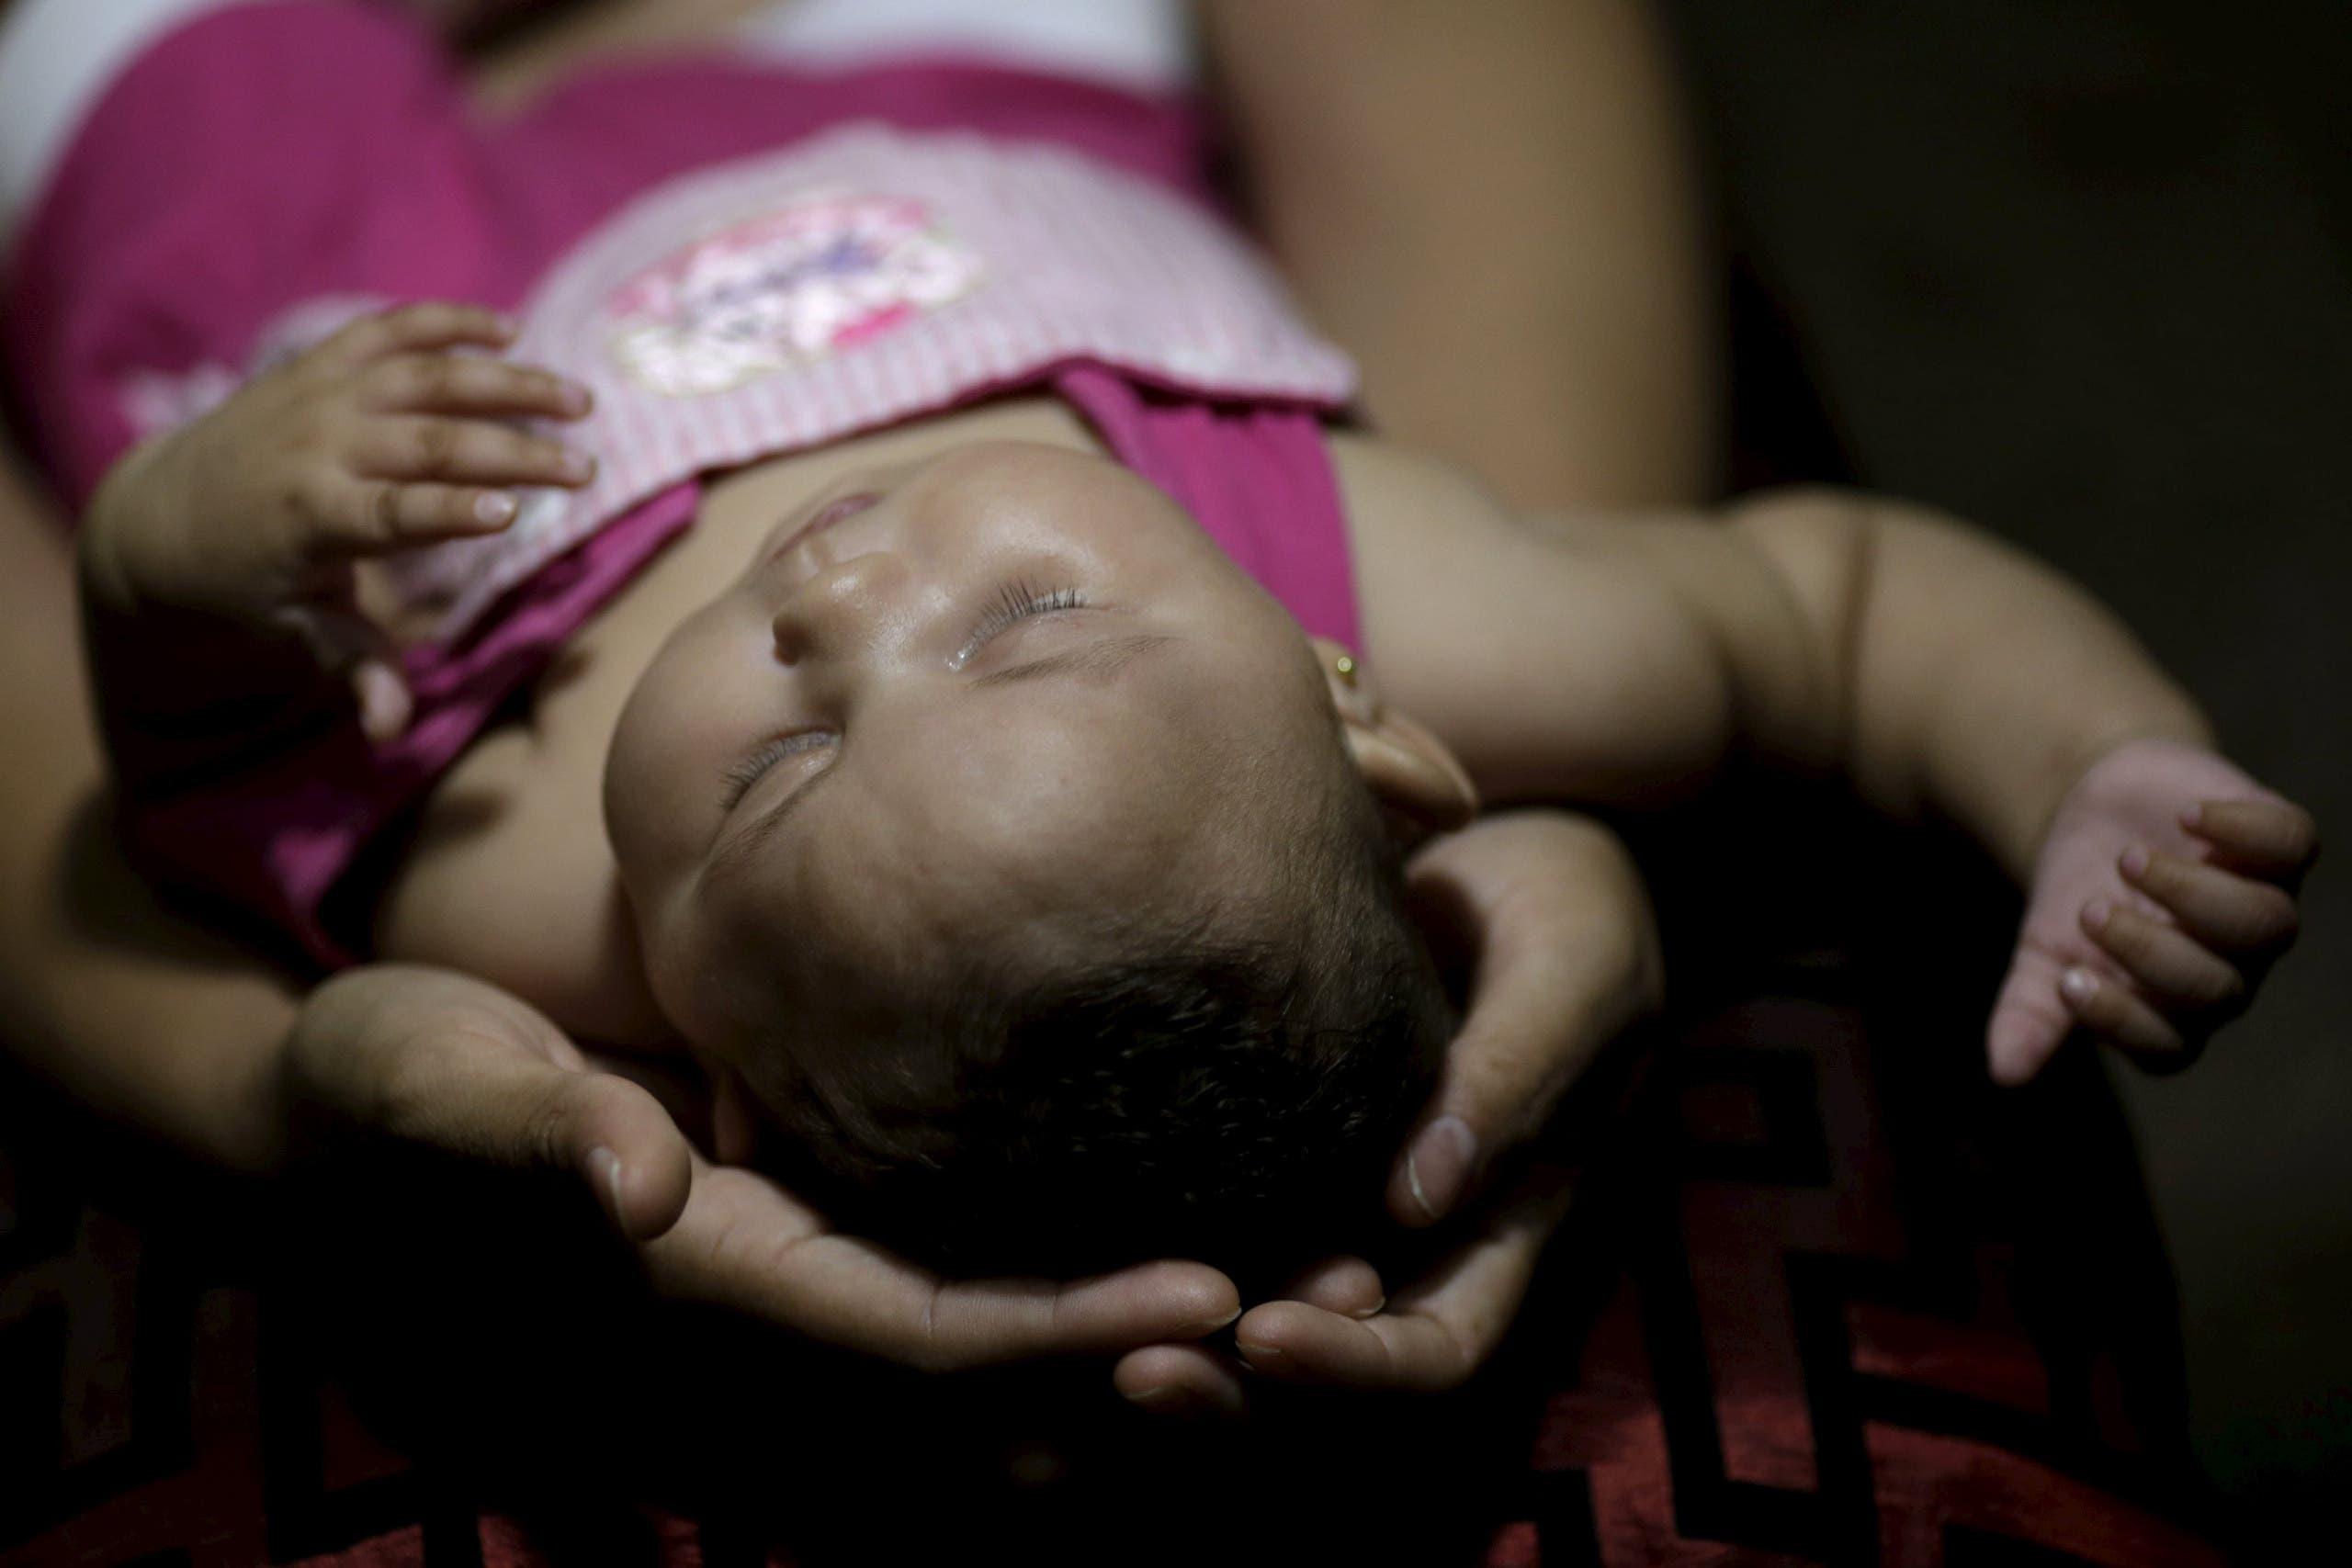 ... ذلك الوقت لكن مع ظهور وتفشي المرض في جزيرة ميكرونيزيا عام 2007 عاد الاهتمام العلمي لفيروس quotزيكاquot، ثم اجتاح الفيروس مؤخراً منطقة الكاريبي والبرازيل.